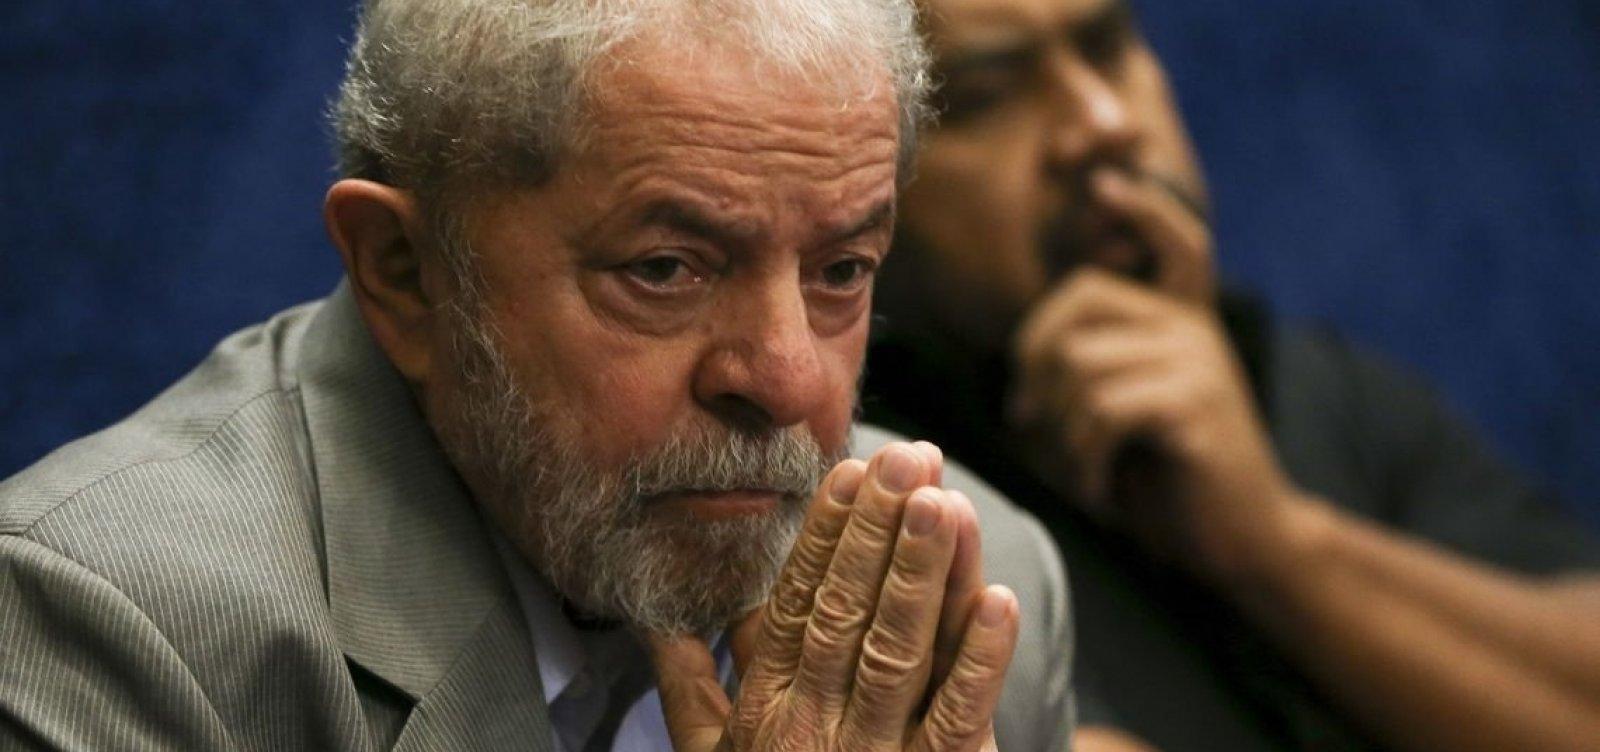 Contra oPT, Luladefendecandidaturas próprias nas eleições municipais